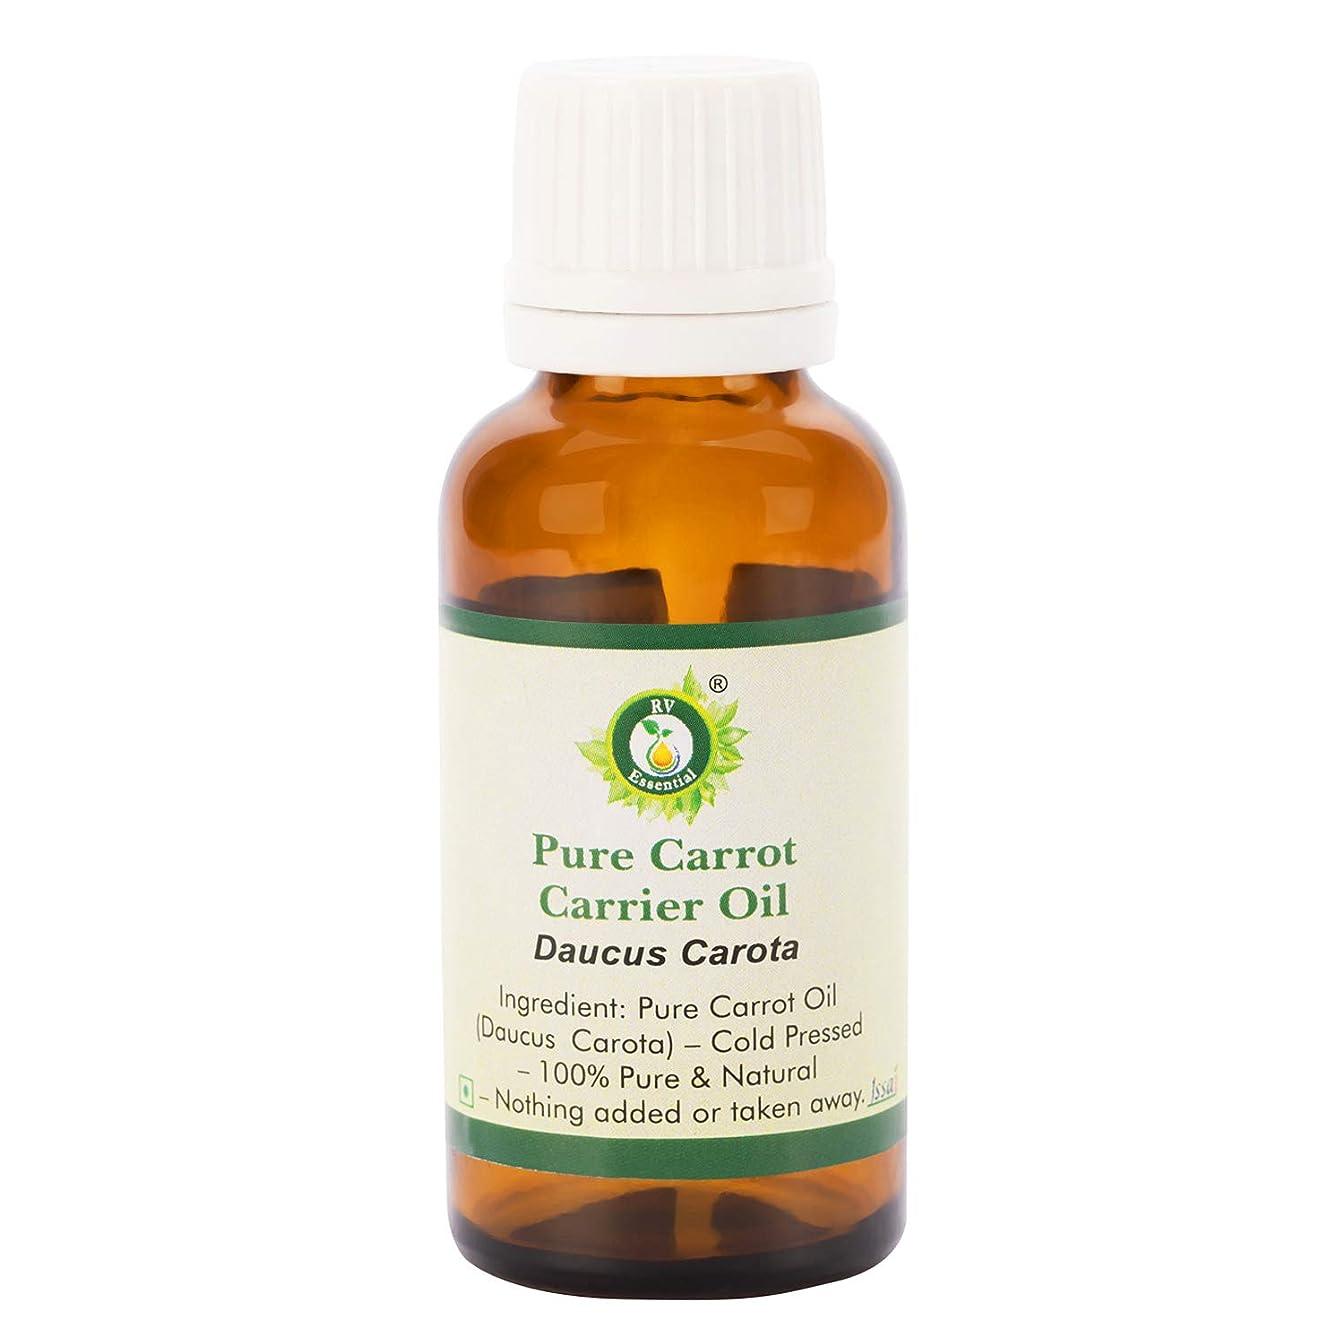 コンドーム悪魔擬人ピュアキャロットキャリアオイル100ml (3.38oz)- Daucus Carota (100%ピュア&ナチュラルコールドPressed) Pure Carrot Carrier Oil